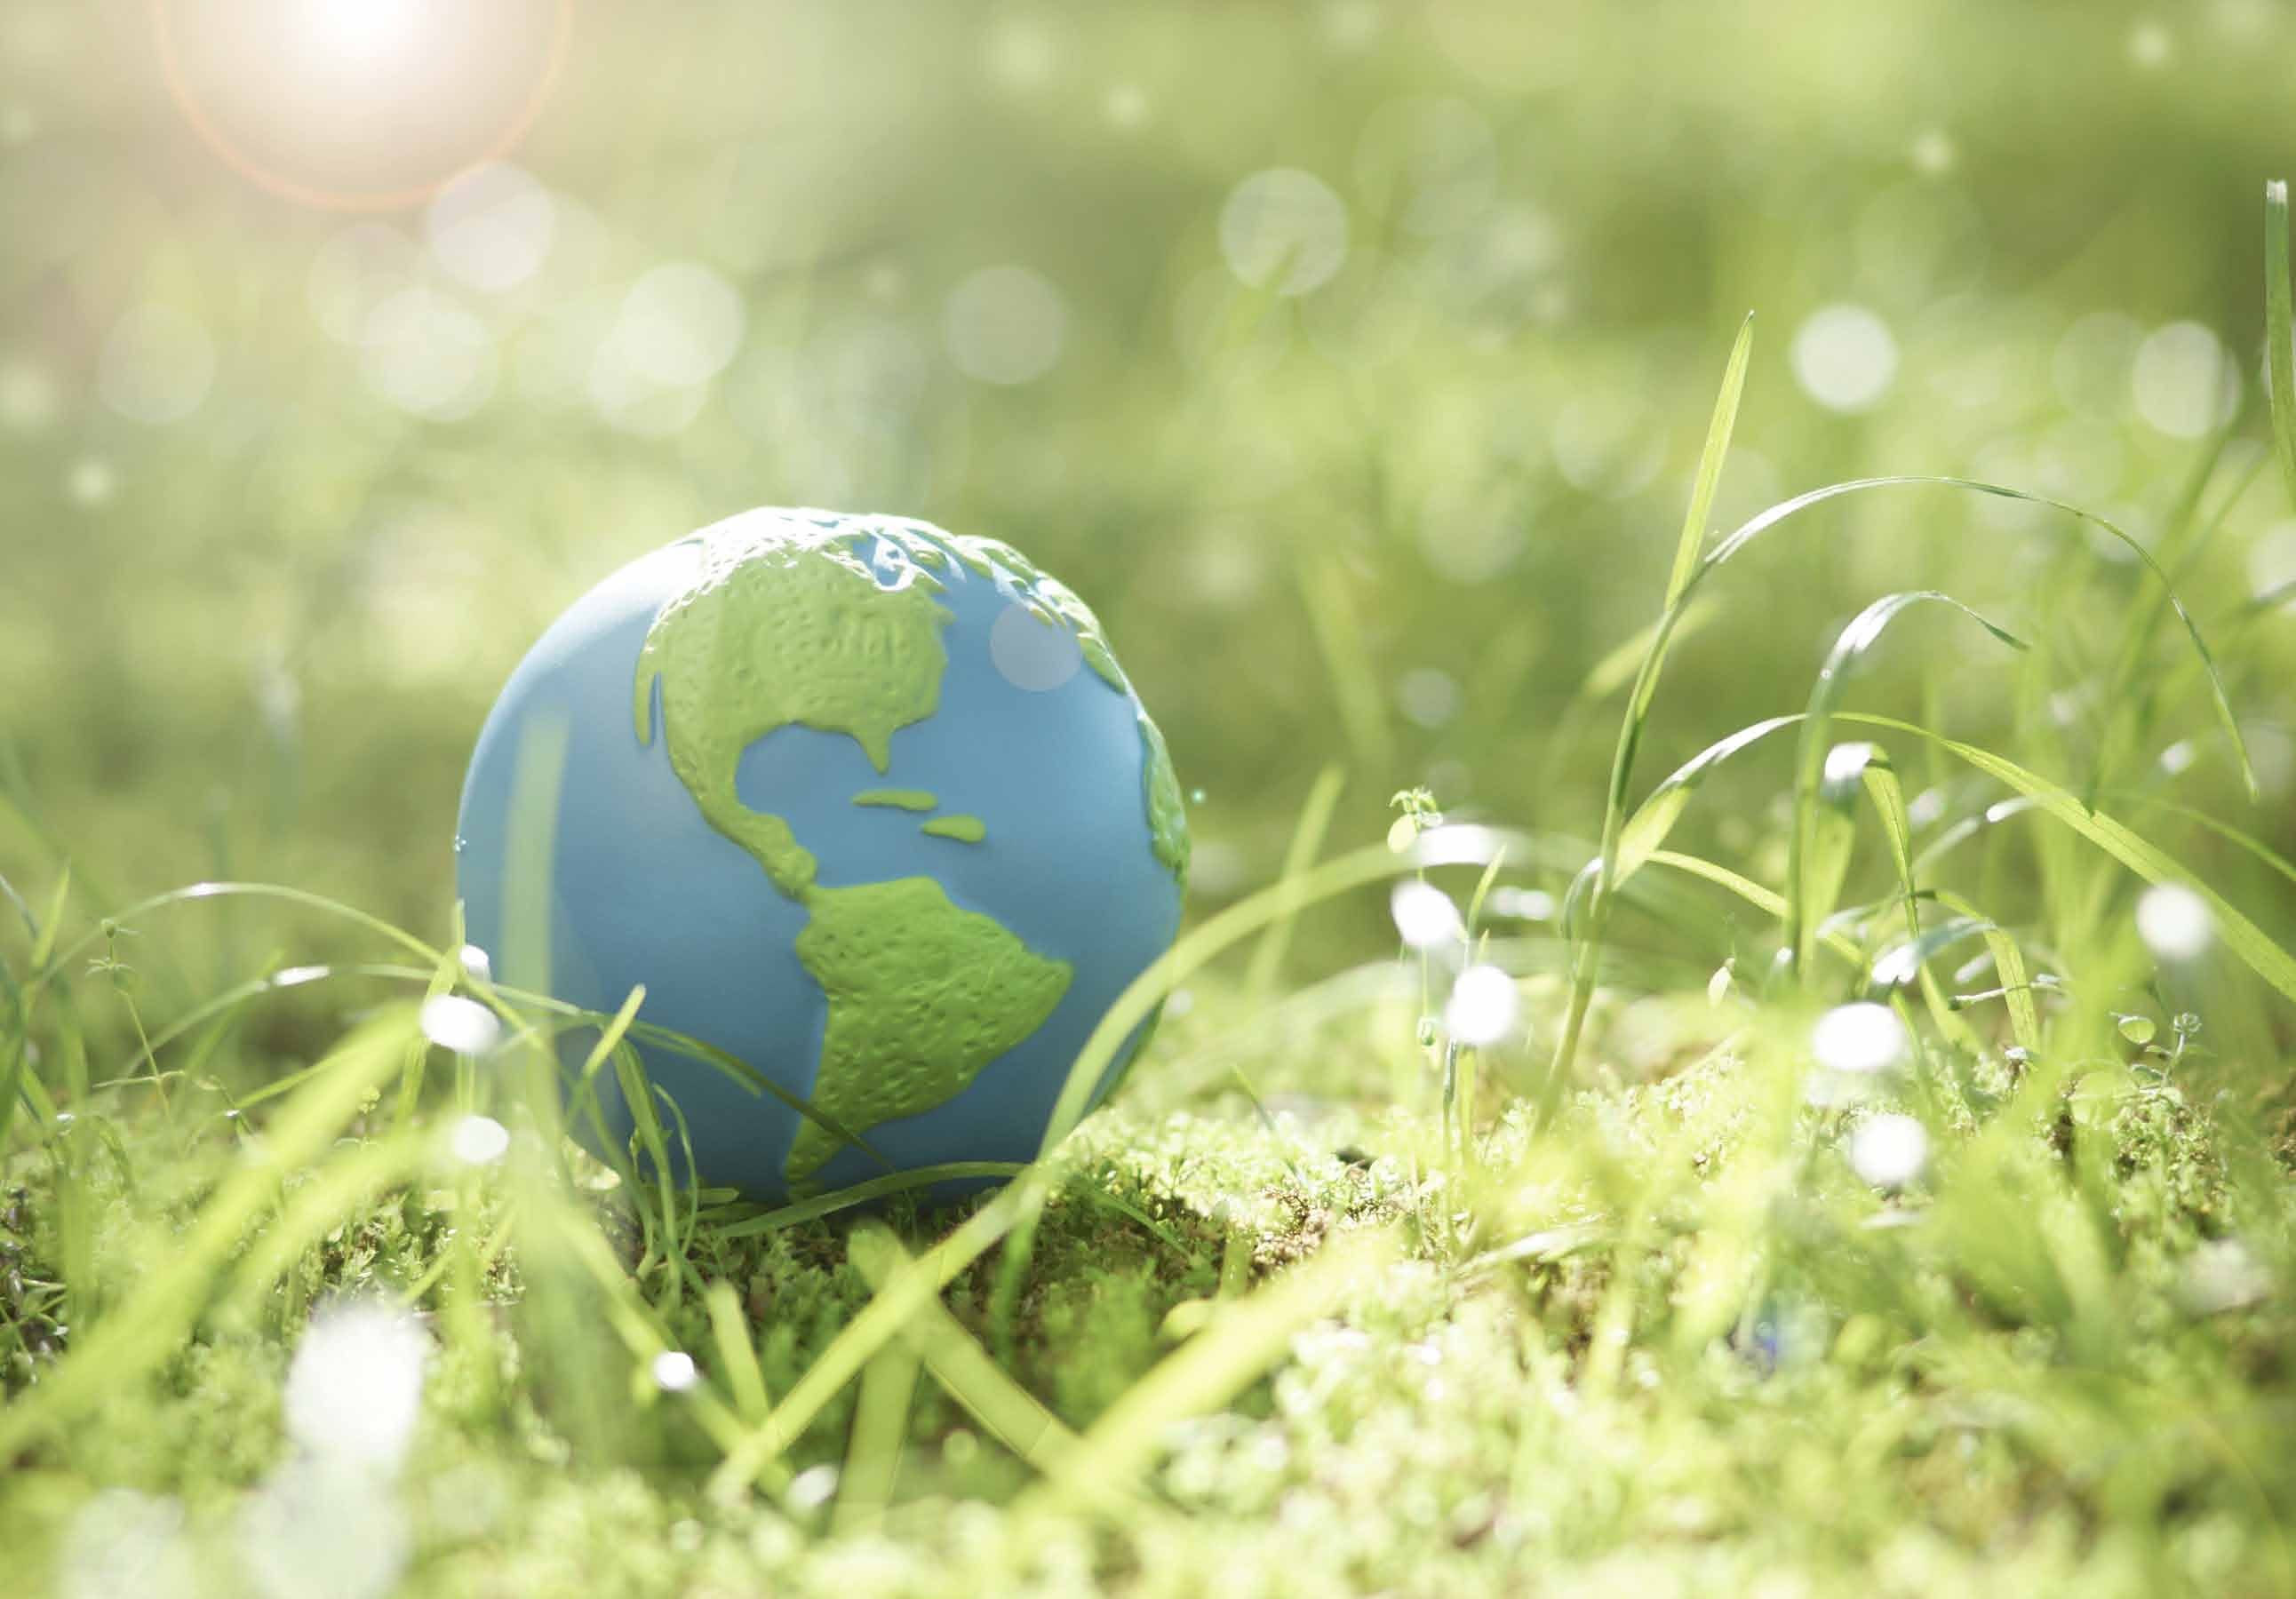 Evolução histórica e política das principais conferências mundiais da onu sobre o clima e meio ambiente